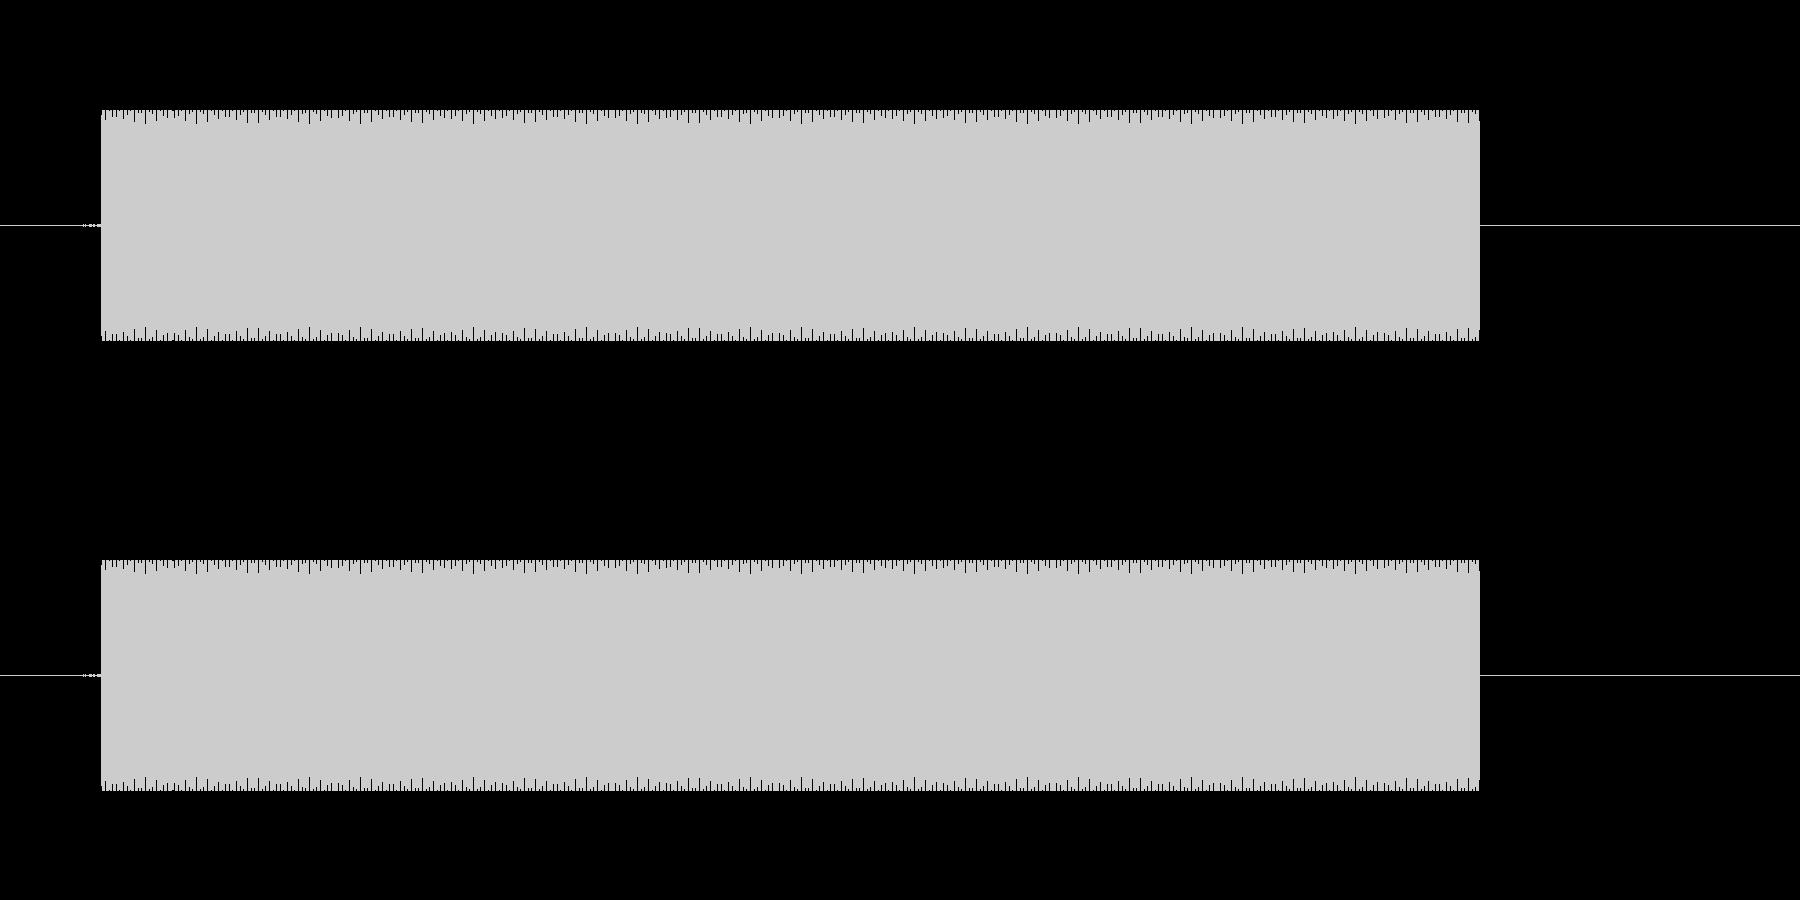 131_放送禁止音1秒 俗にいうピー音の未再生の波形